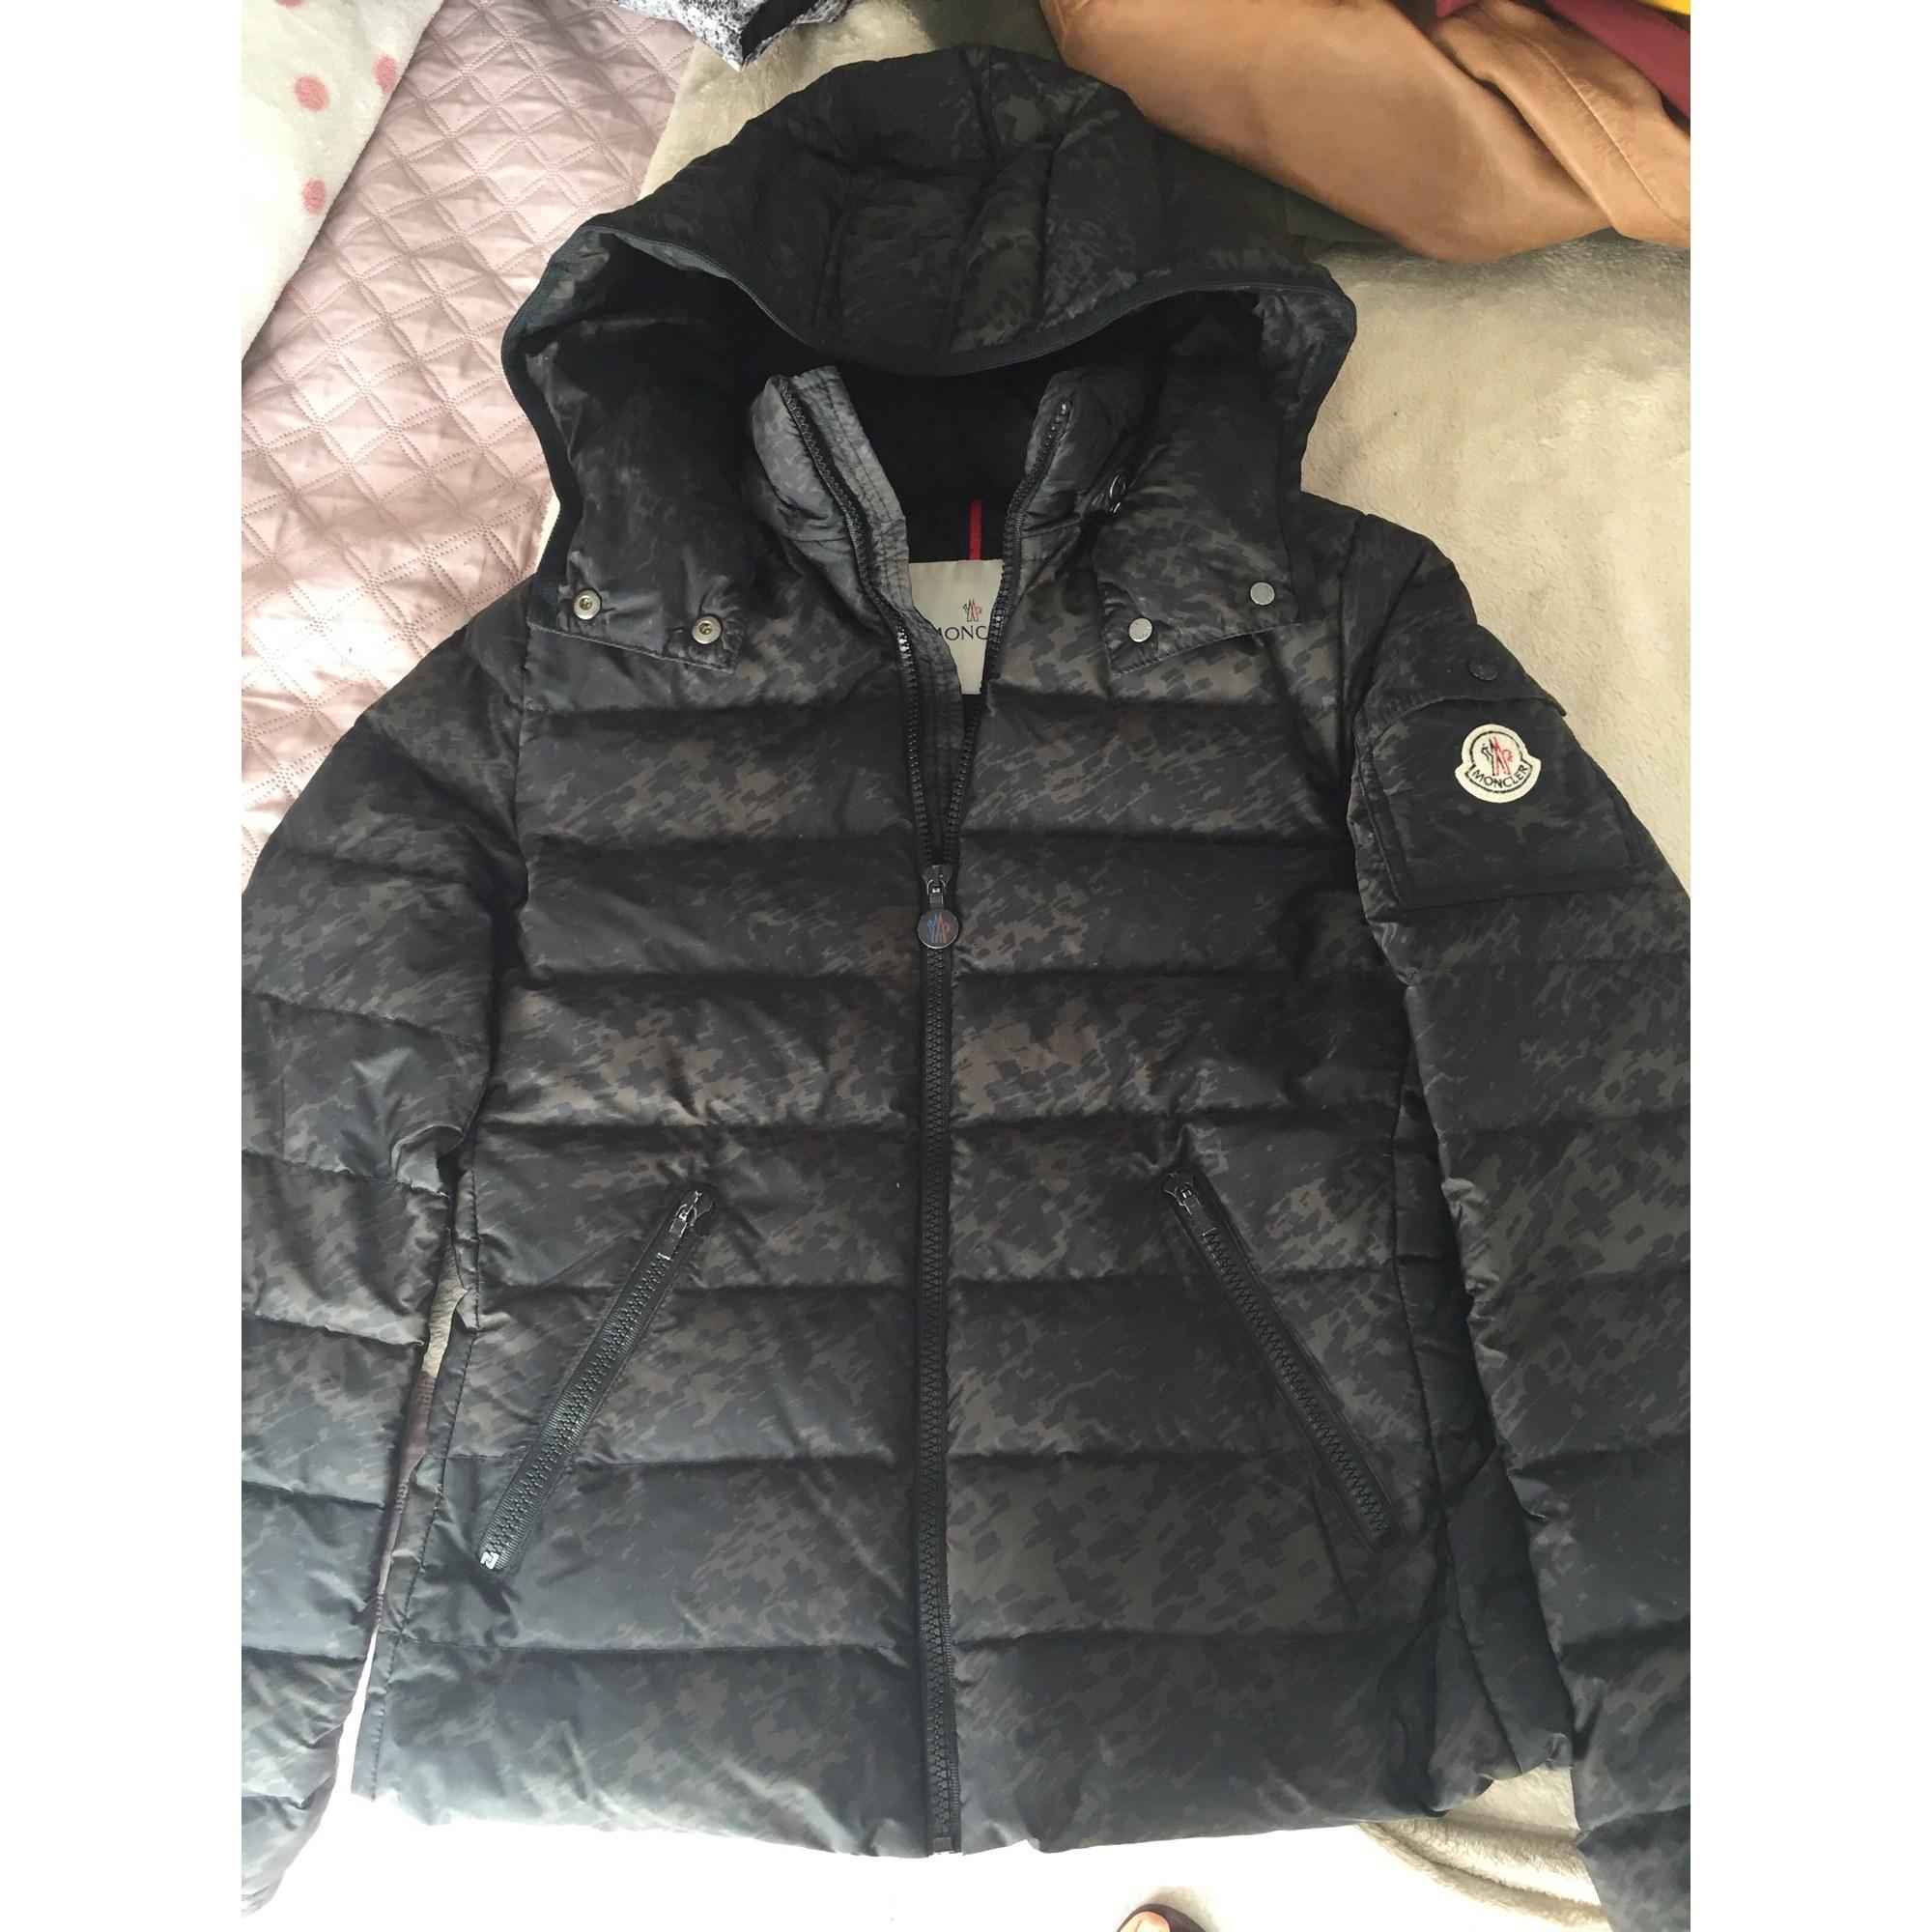 Doudoune MONCLER 13-14 ans noir vendu par Anthony 300 - 6778366 1e13095dfd0